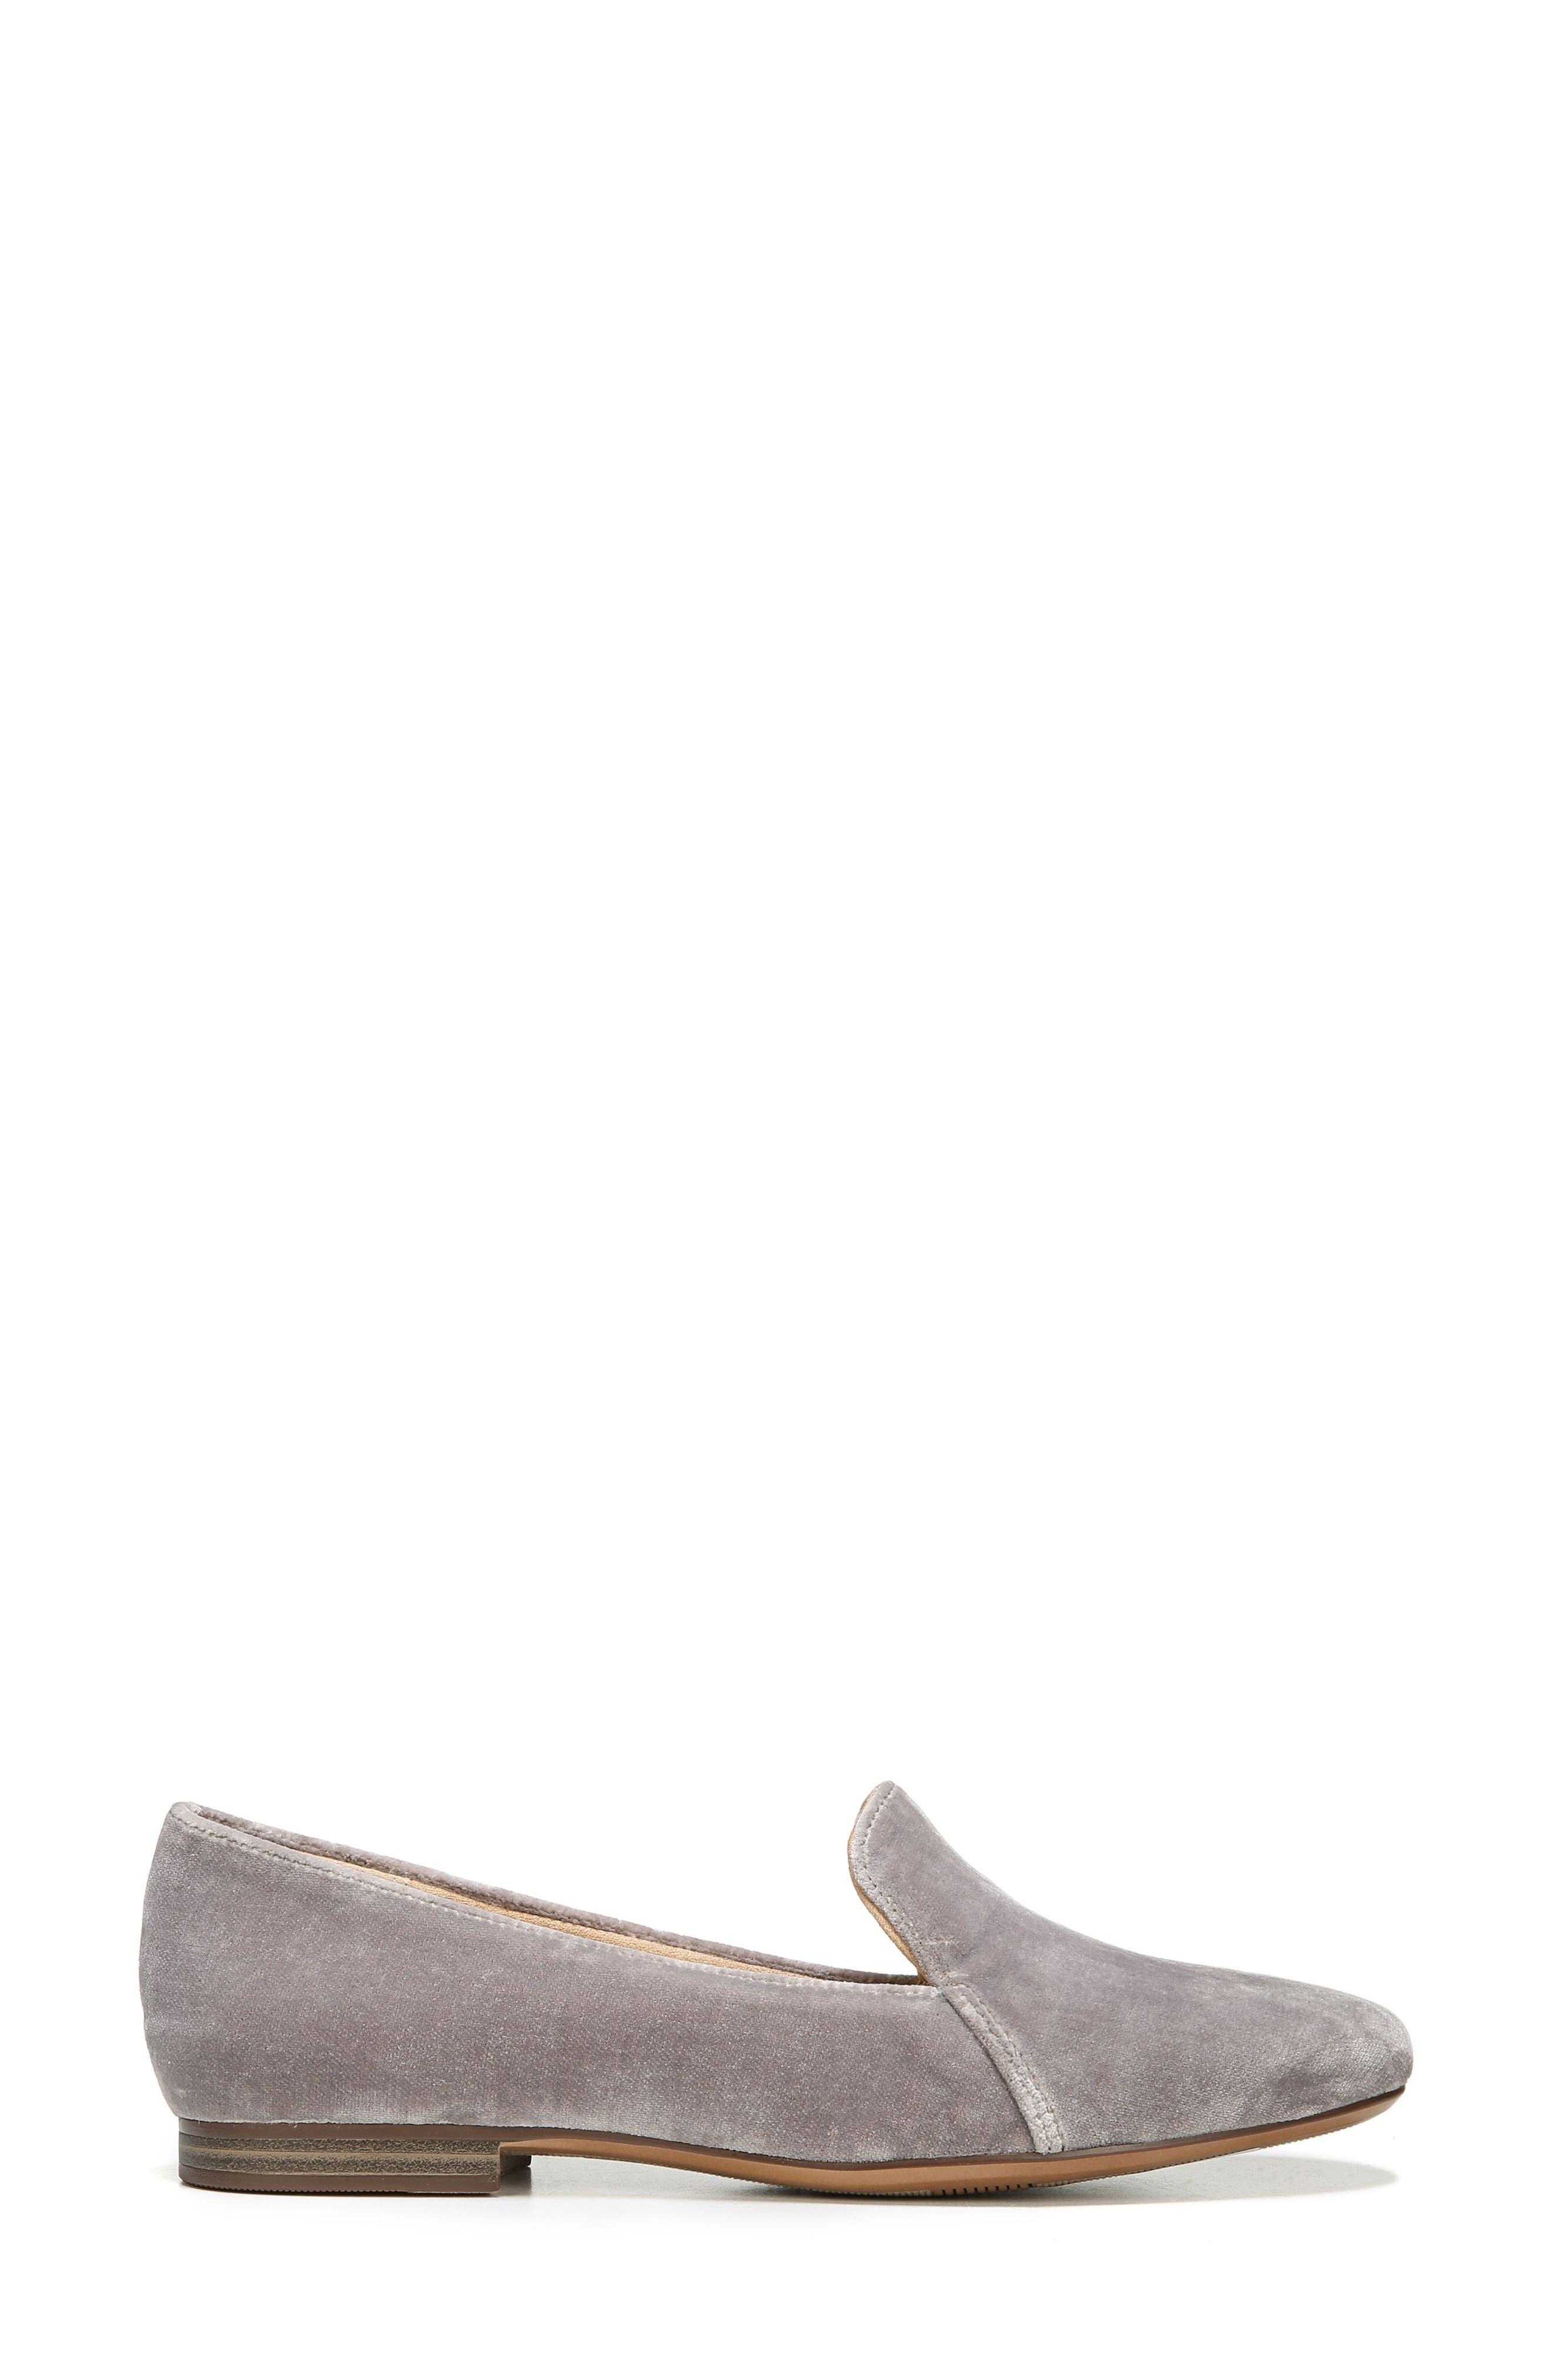 Emiline Flat Loafer,                             Alternate thumbnail 3, color,                             Taupe Velvet Fabric